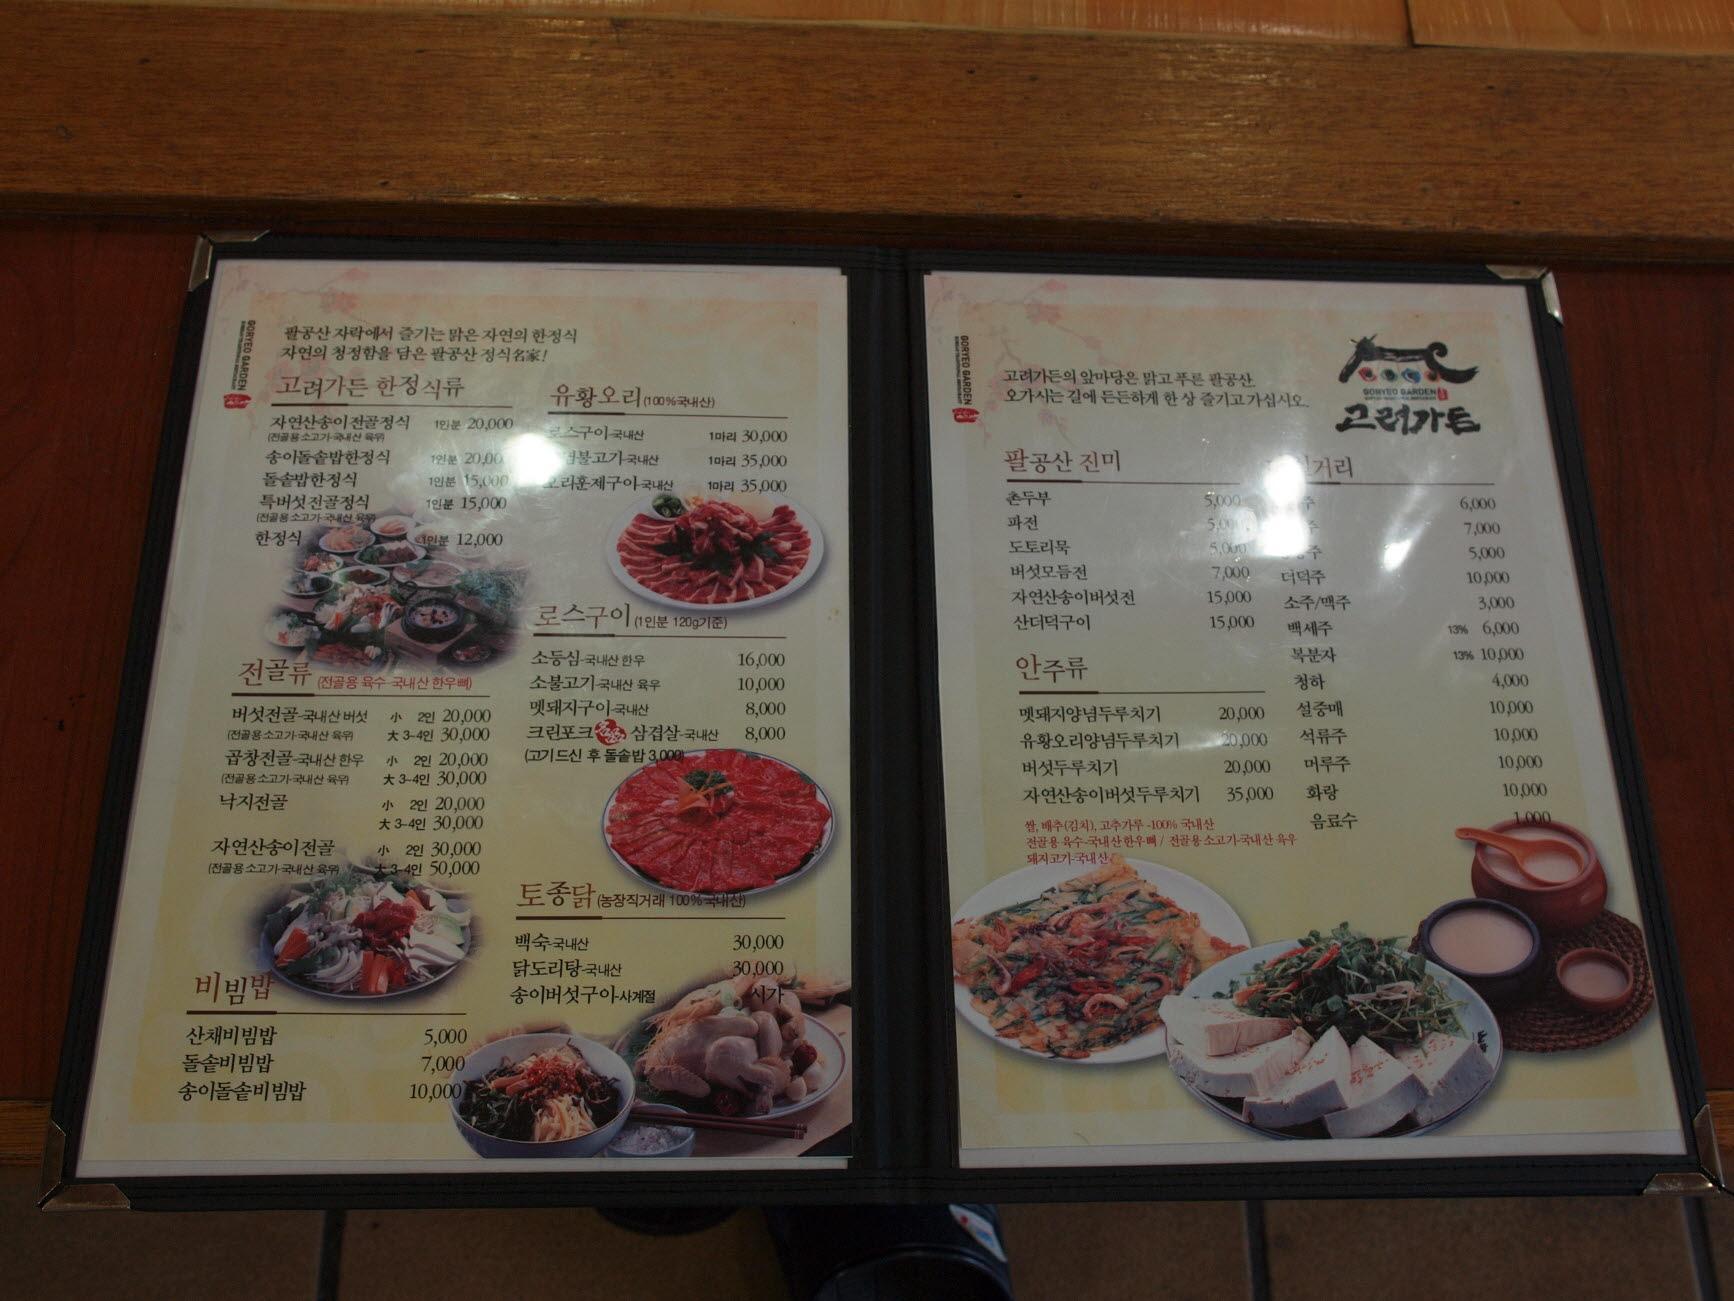 Goryeo Garden Restaurant